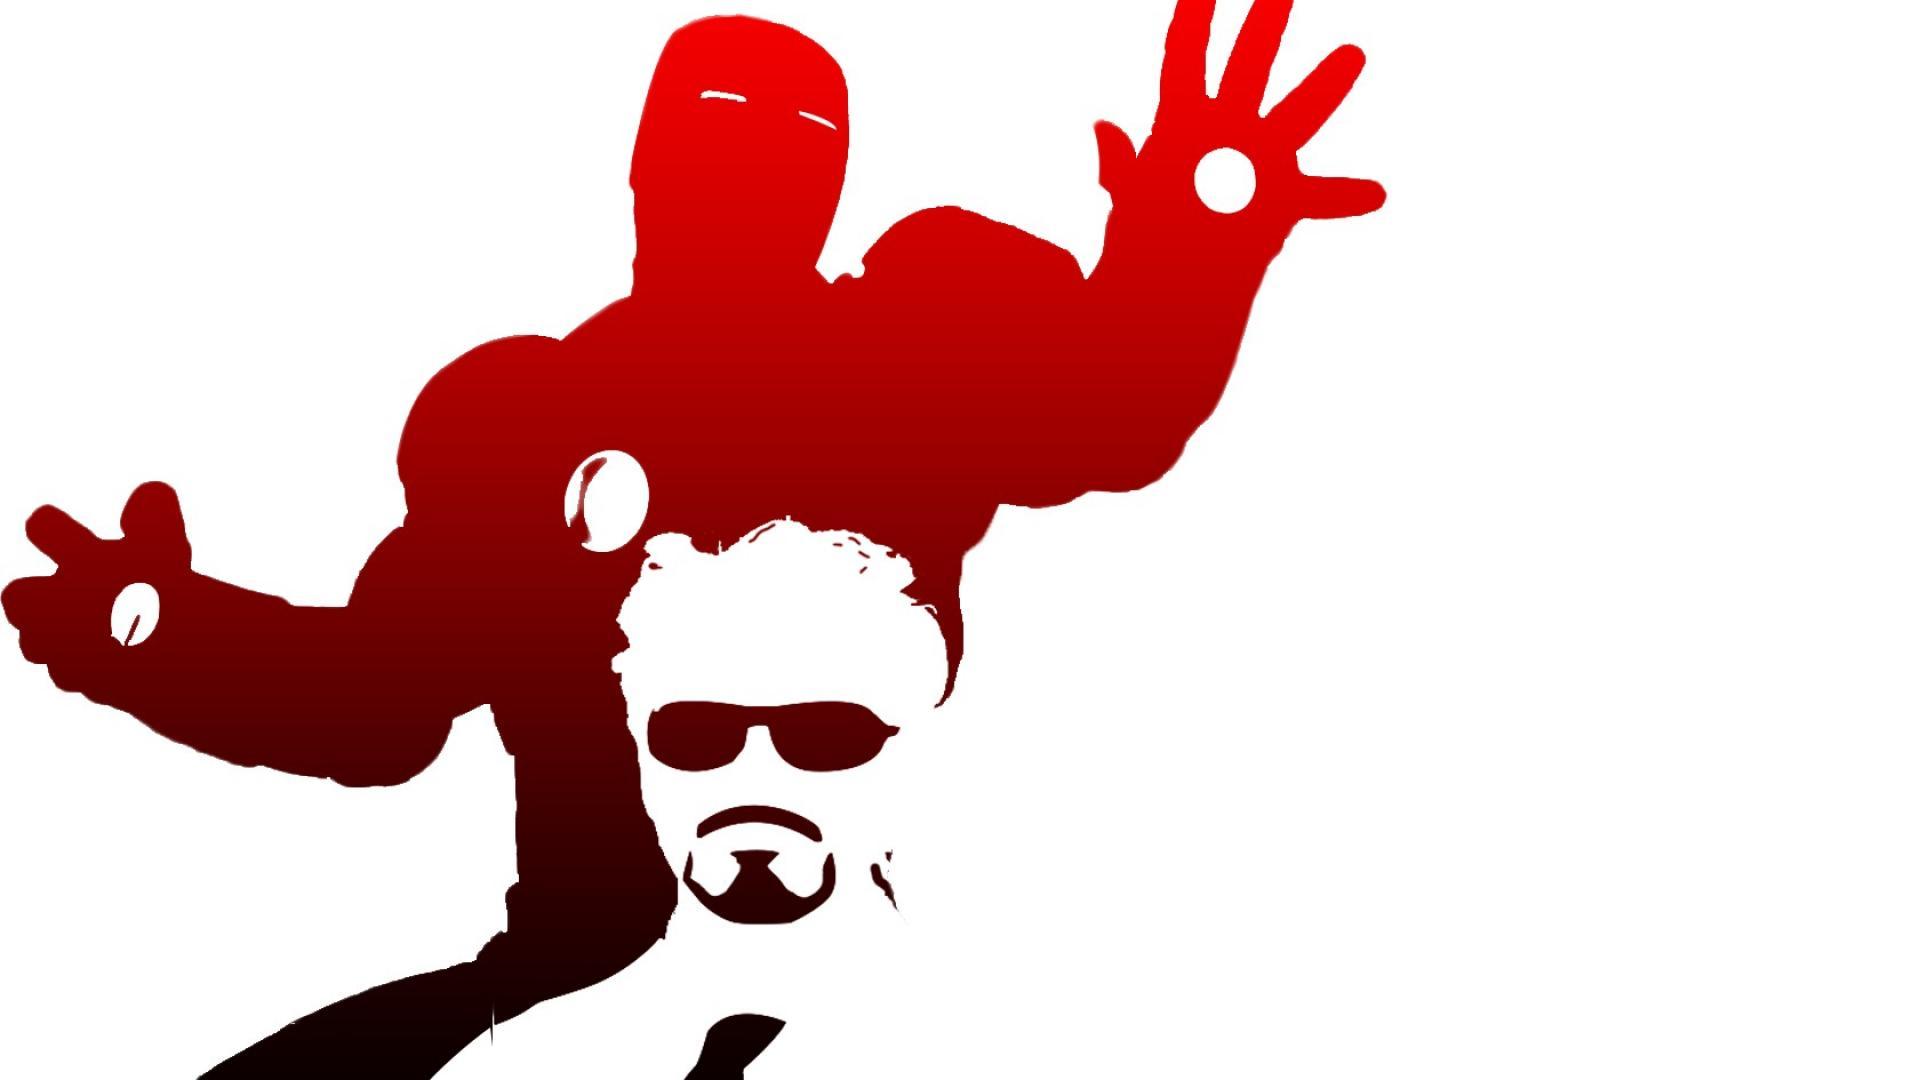 1920x1080 Silhouette Tony Stark The Avengers White Background Wallpaper